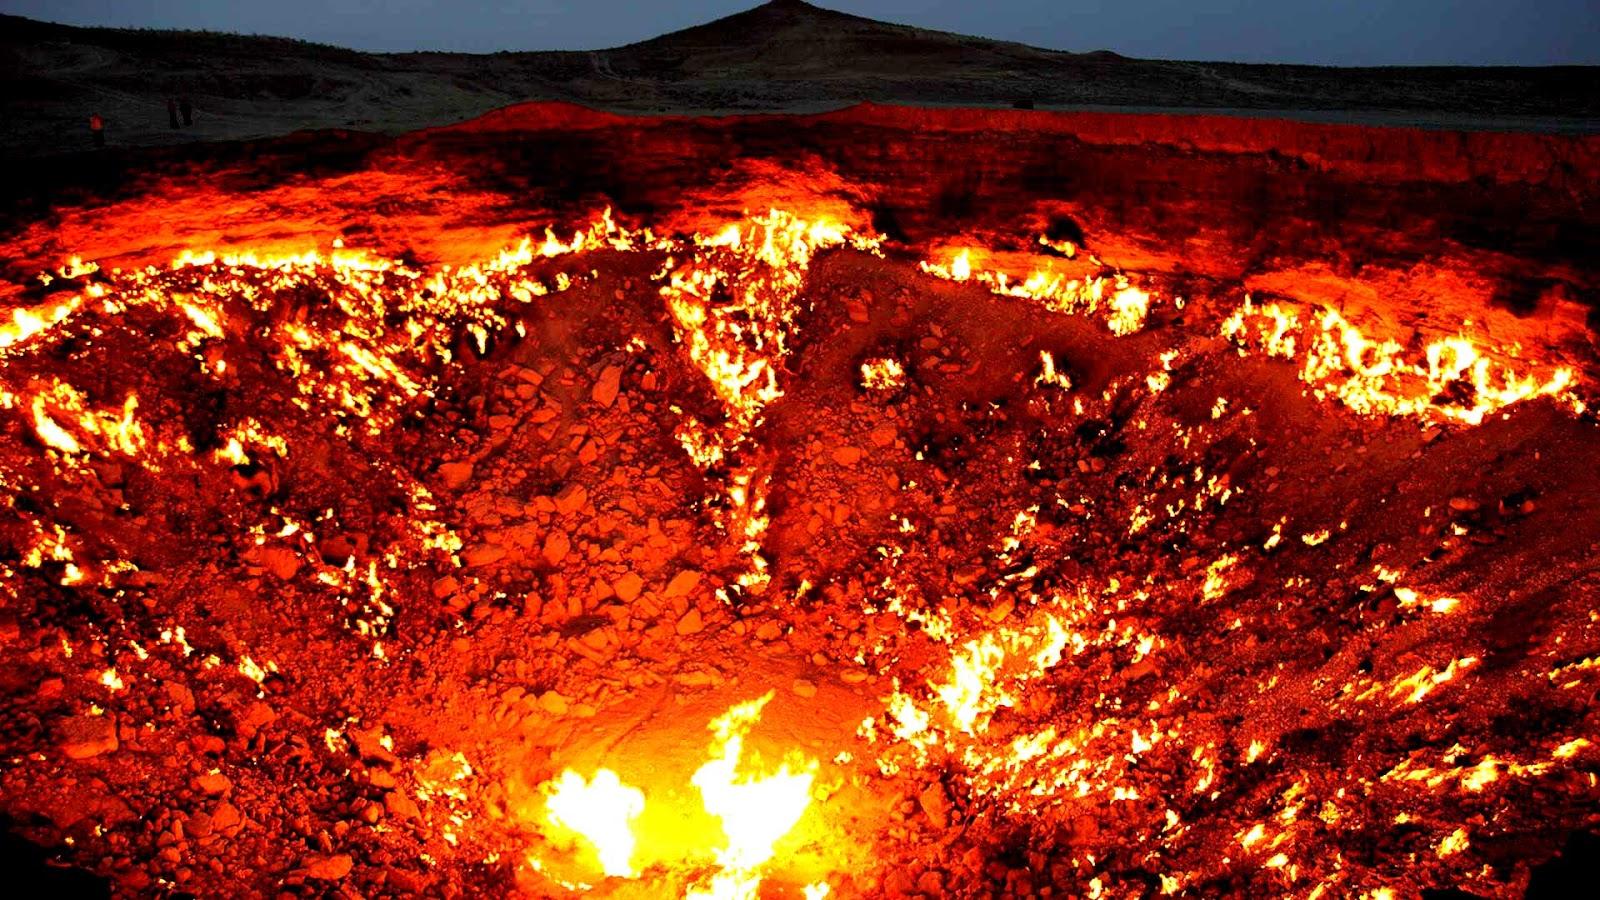 """""""ჯოჯოხეთის კარიბჭე"""" - მისტიური ადგილი თურქმენეთში, სადაც ცეცხლი 50 წელზე მეტია არ ქრება!"""